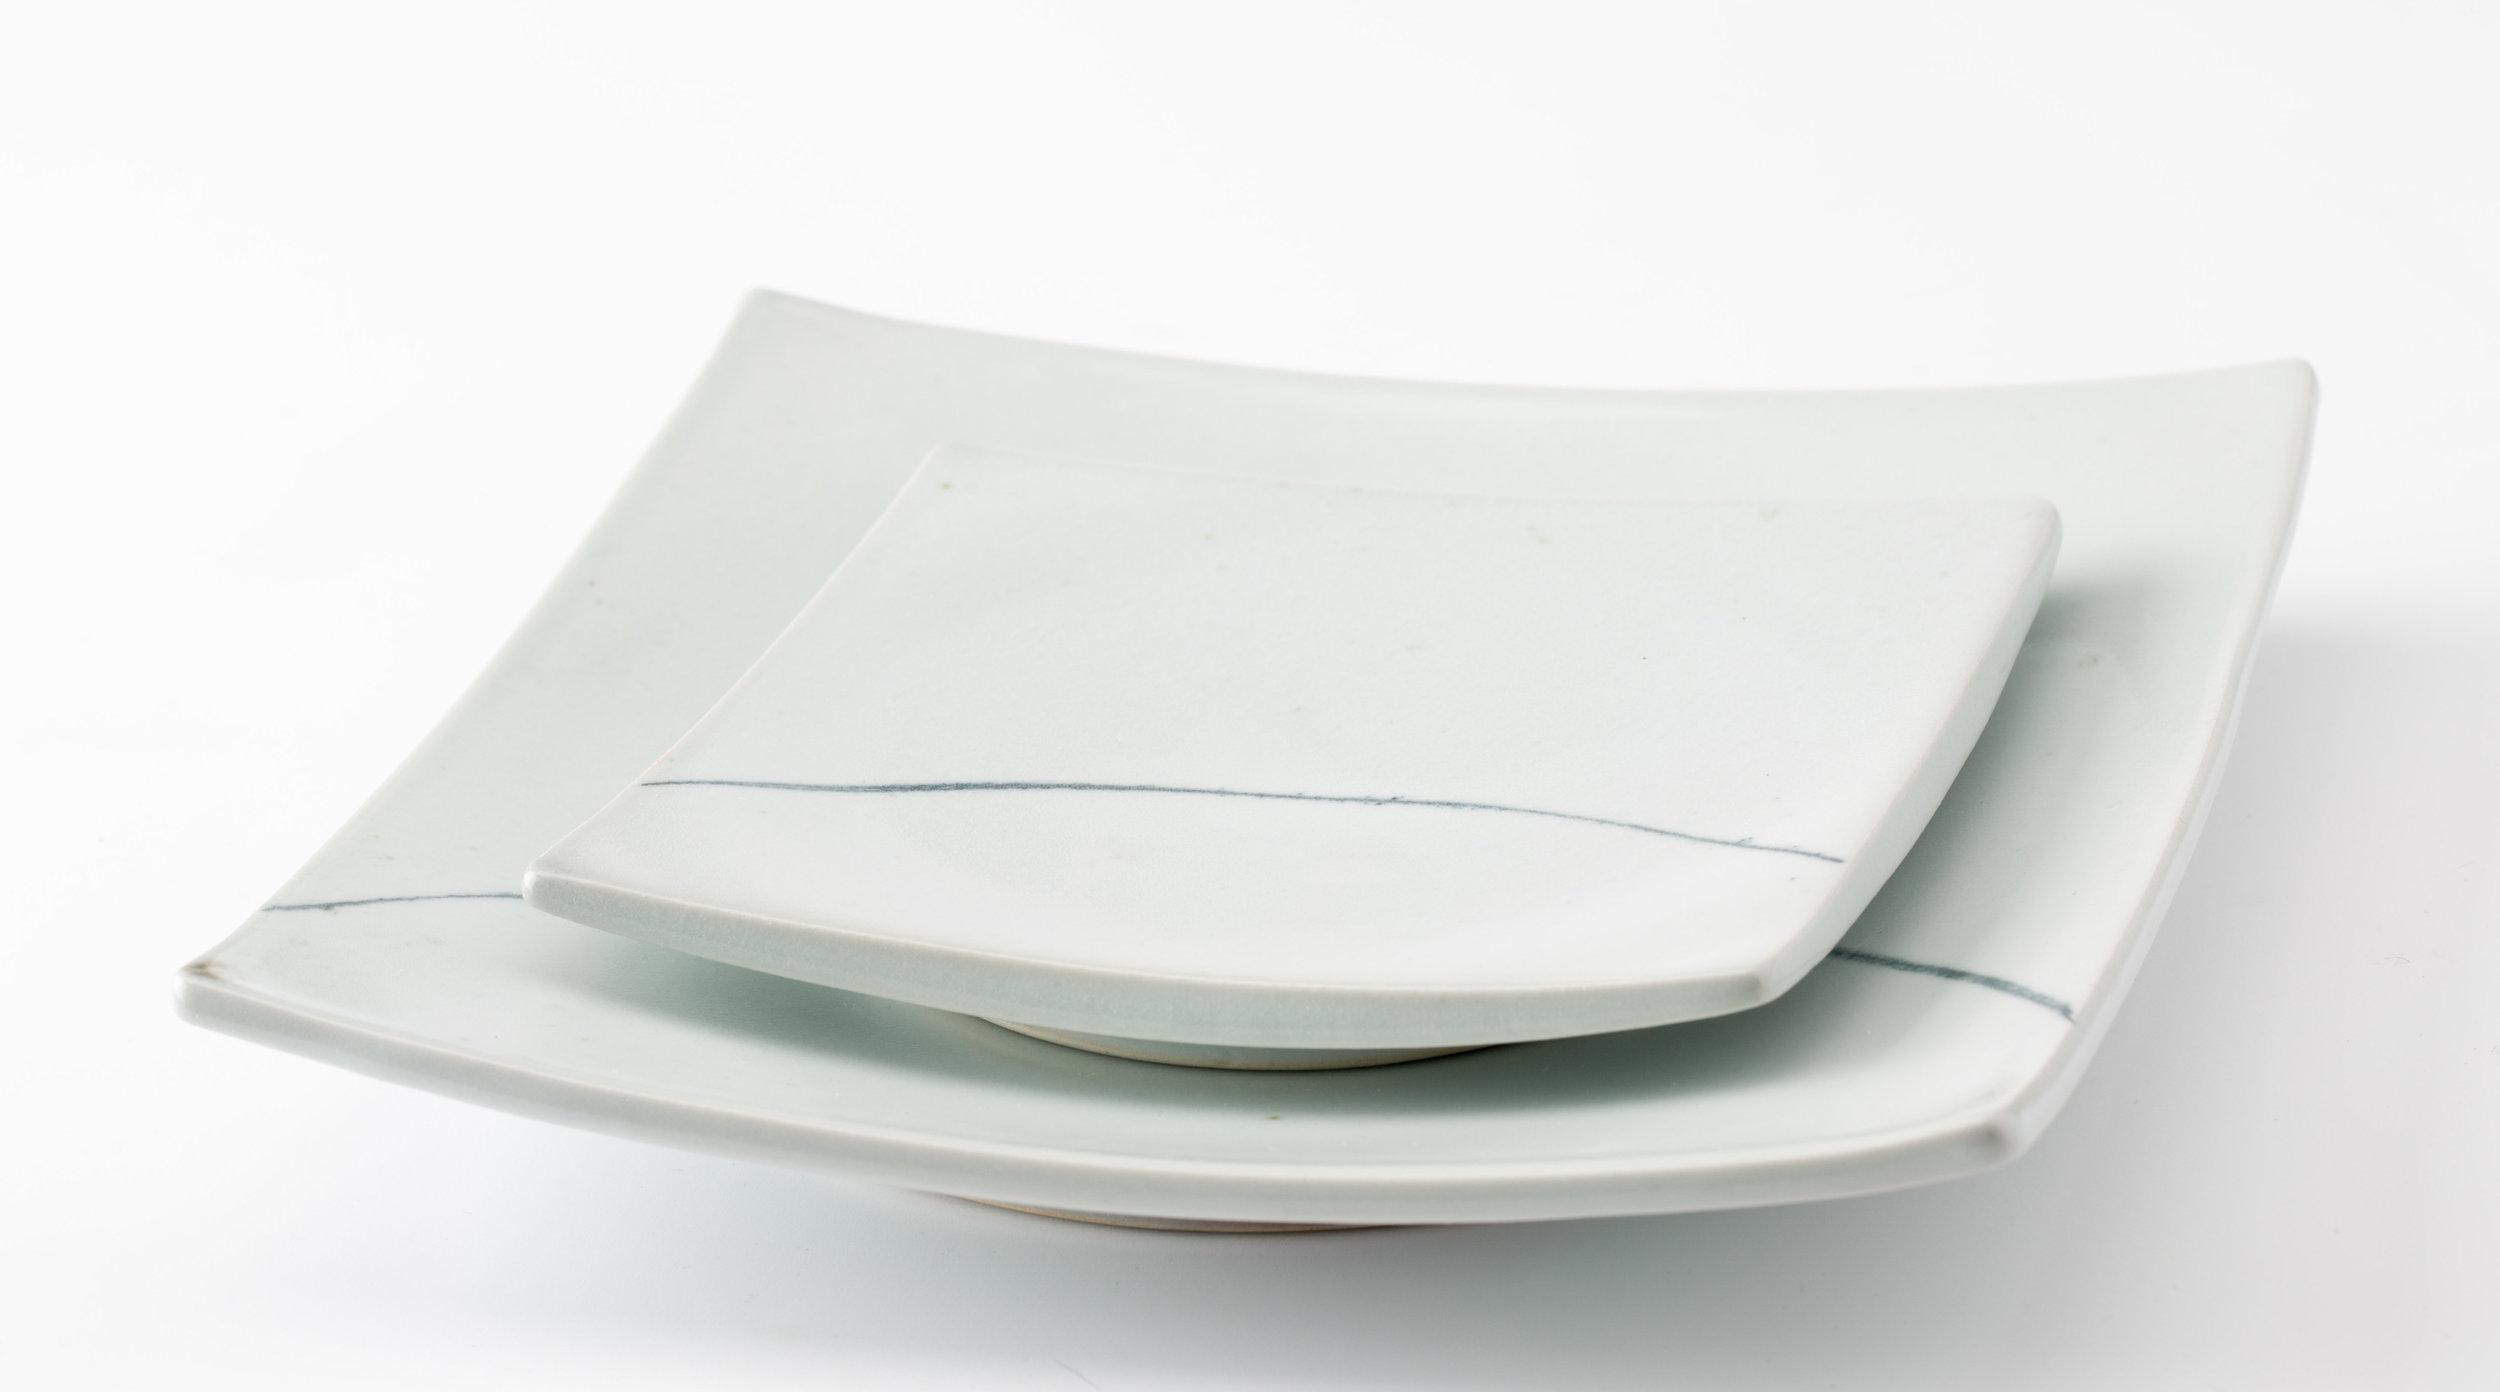 """Horizon Plates  Cone 10 Reduction Porcelain  7.25"""" W x 3"""" H  2016"""